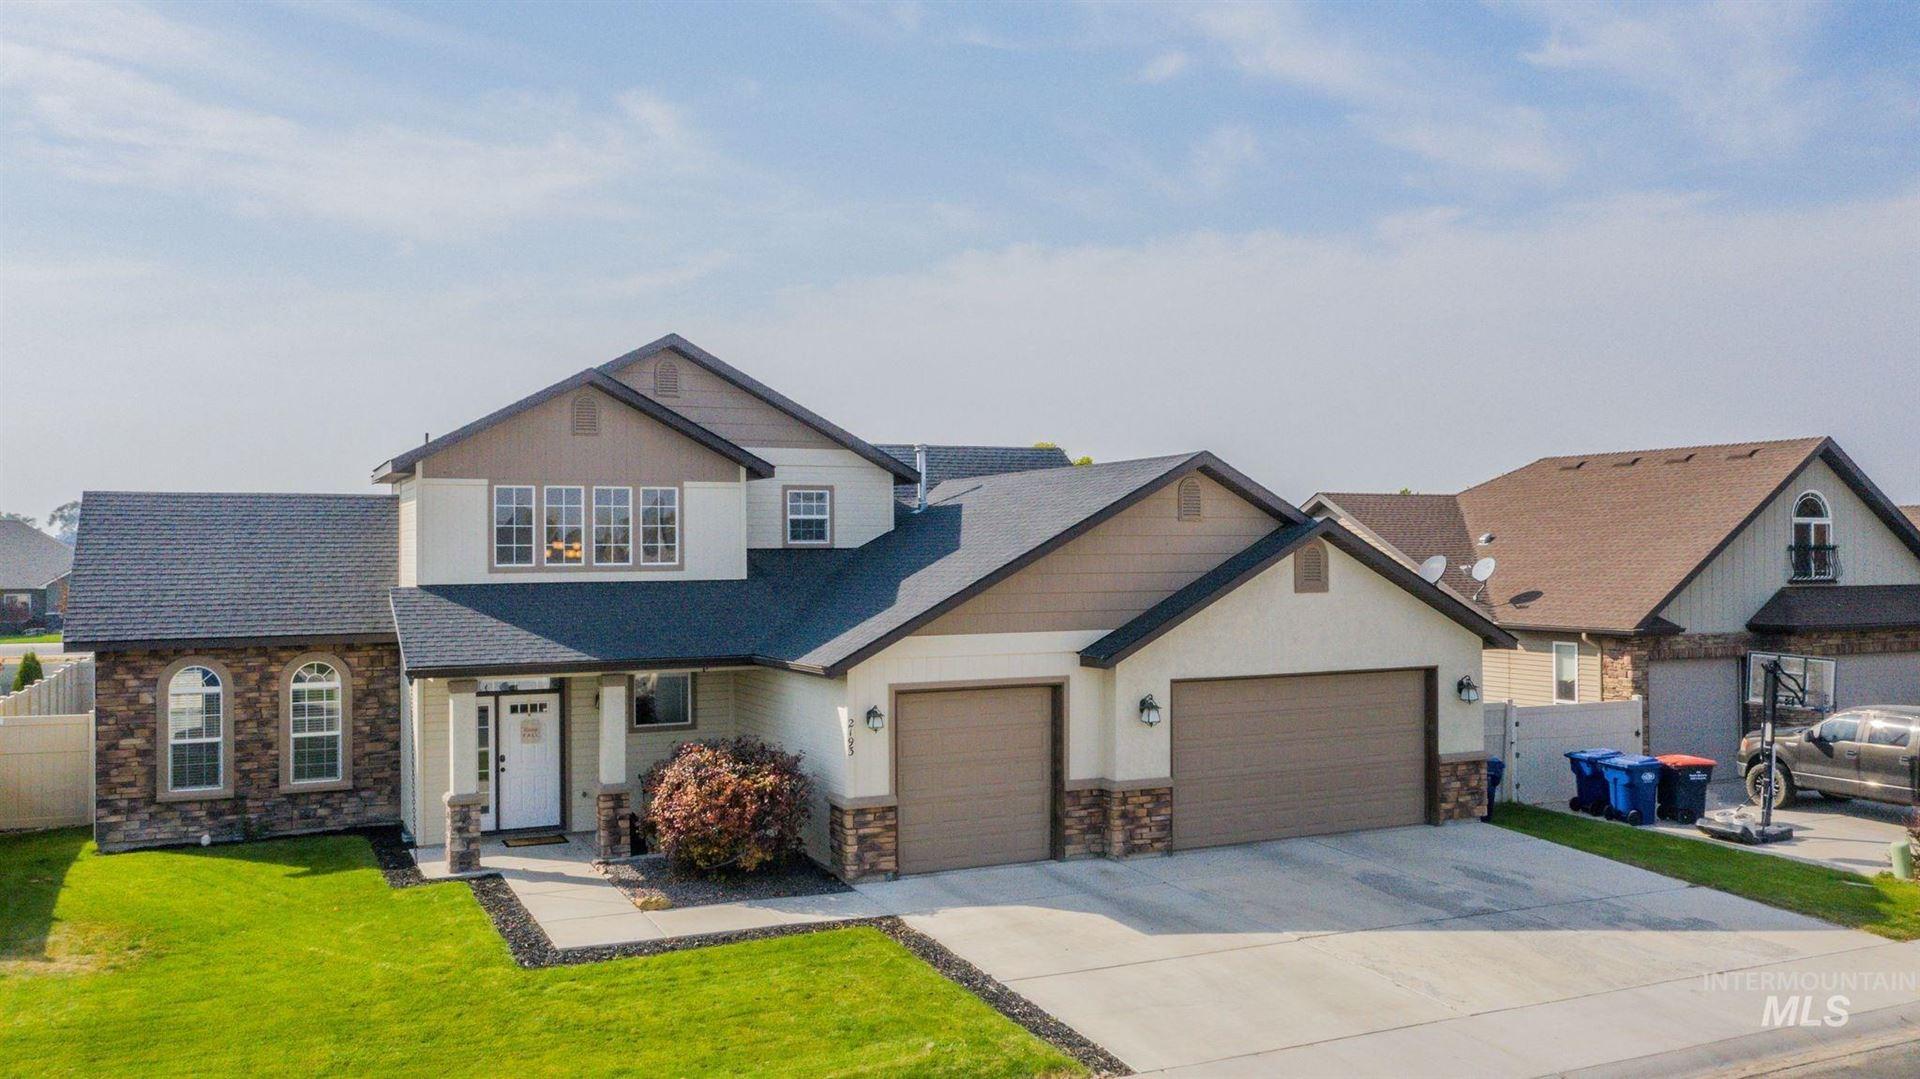 2193 Tendoy Street, Twin Falls, ID 83301 - MLS#: 98782204